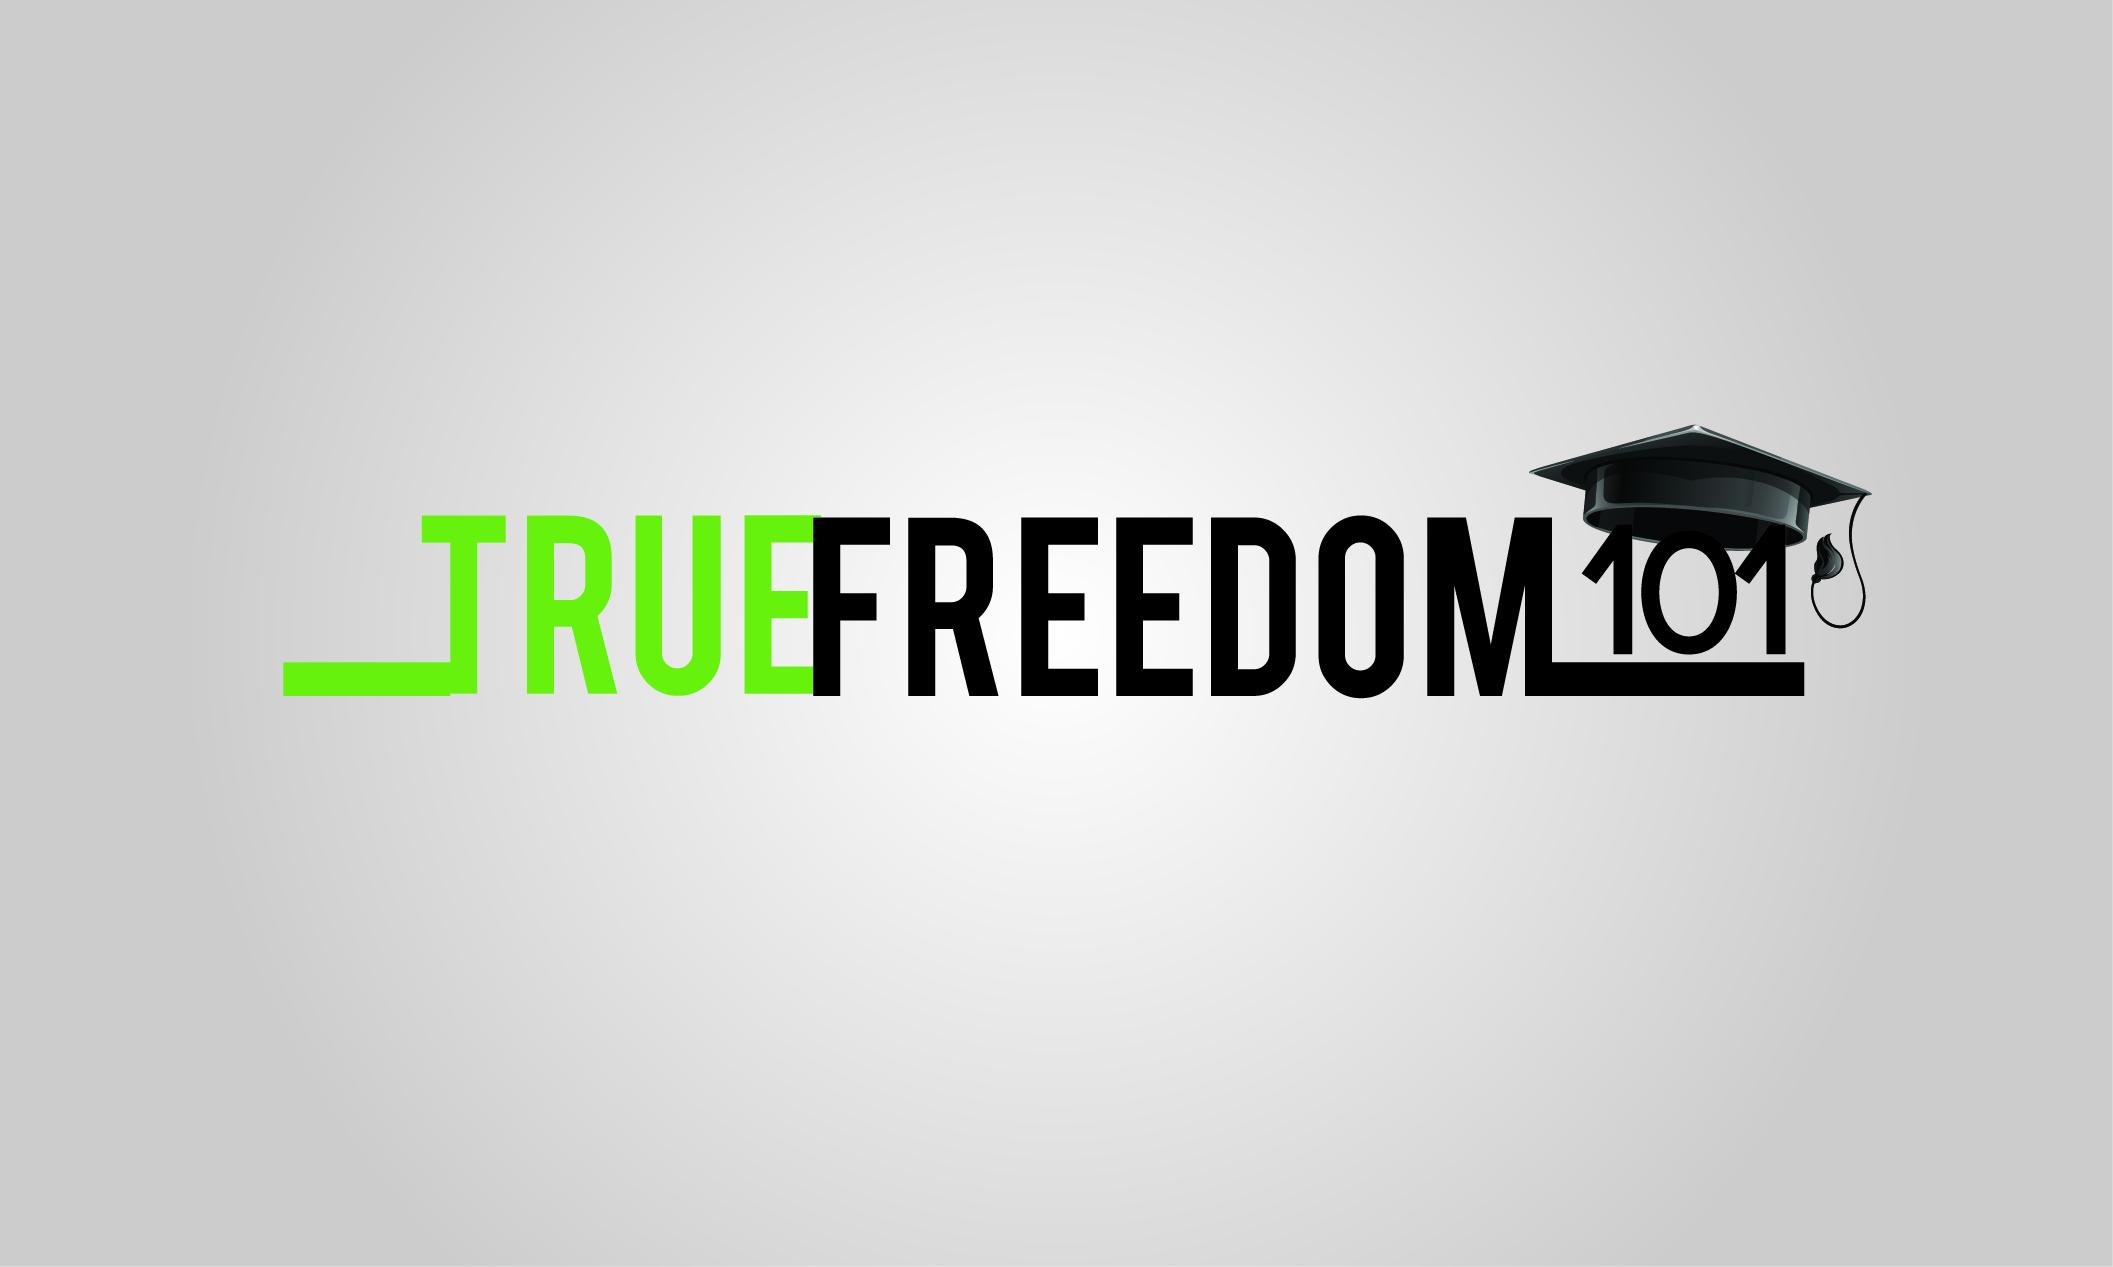 Logo Design by Jan Chua - Entry No. 46 in the Logo Design Contest www.TrueFreedom101.com Logo Design.